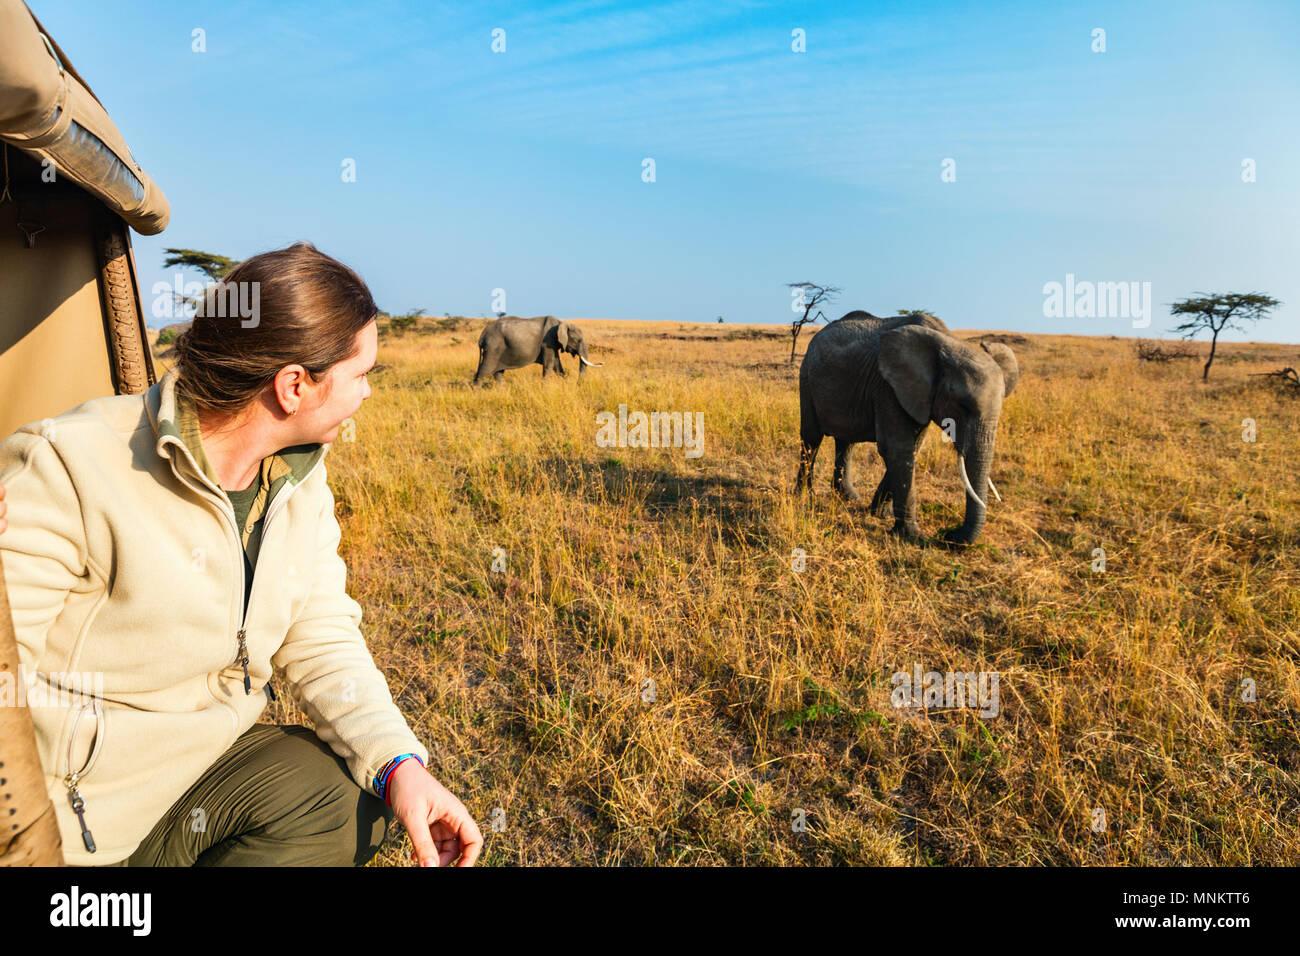 Donna su safari game drive godendo di incontro ravvicinato con gli elefanti in Kenya Africa Immagini Stock